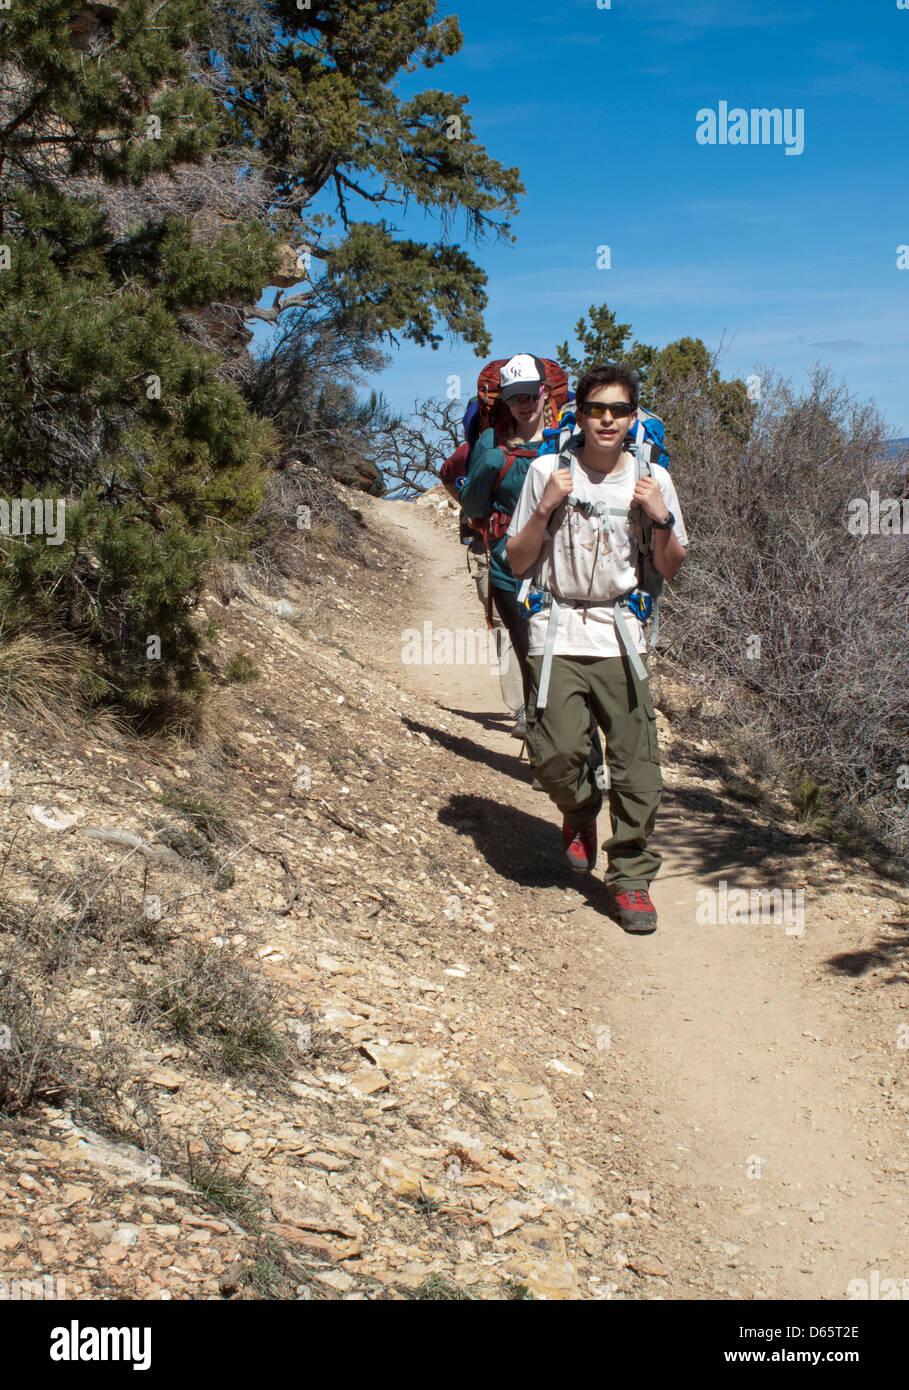 Parco Nazionale del Grand Canyon, Arizona - Joey West, 14, passeggiate su il Grandview Trail con suo cugino, Mariel Immagini Stock